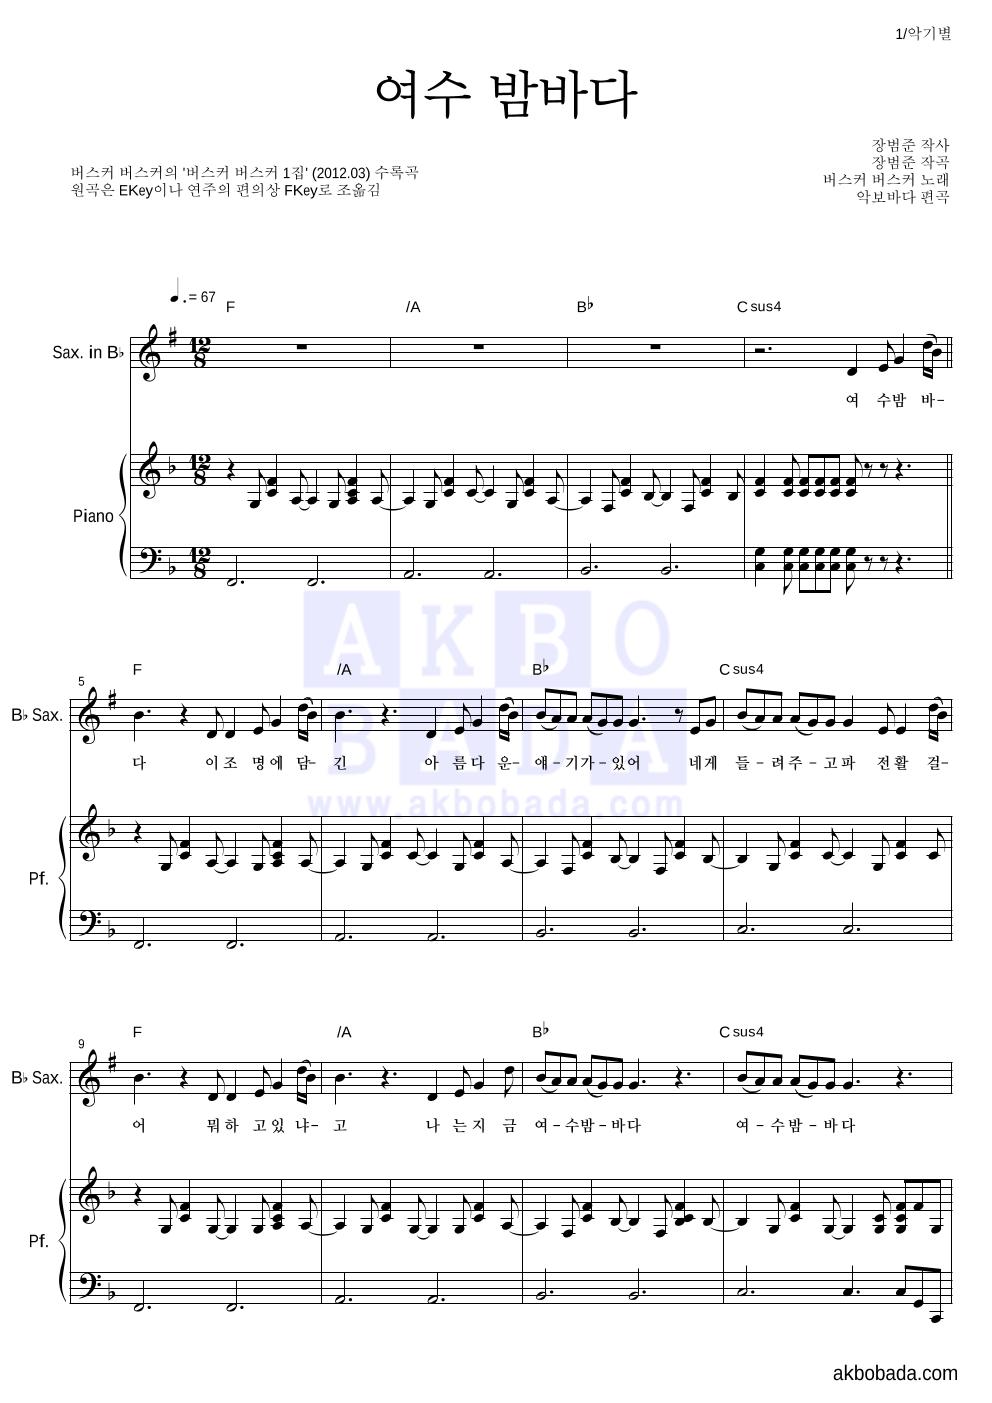 버스커 버스커 - 여수 밤바다 Bb색소폰&피아노 악보